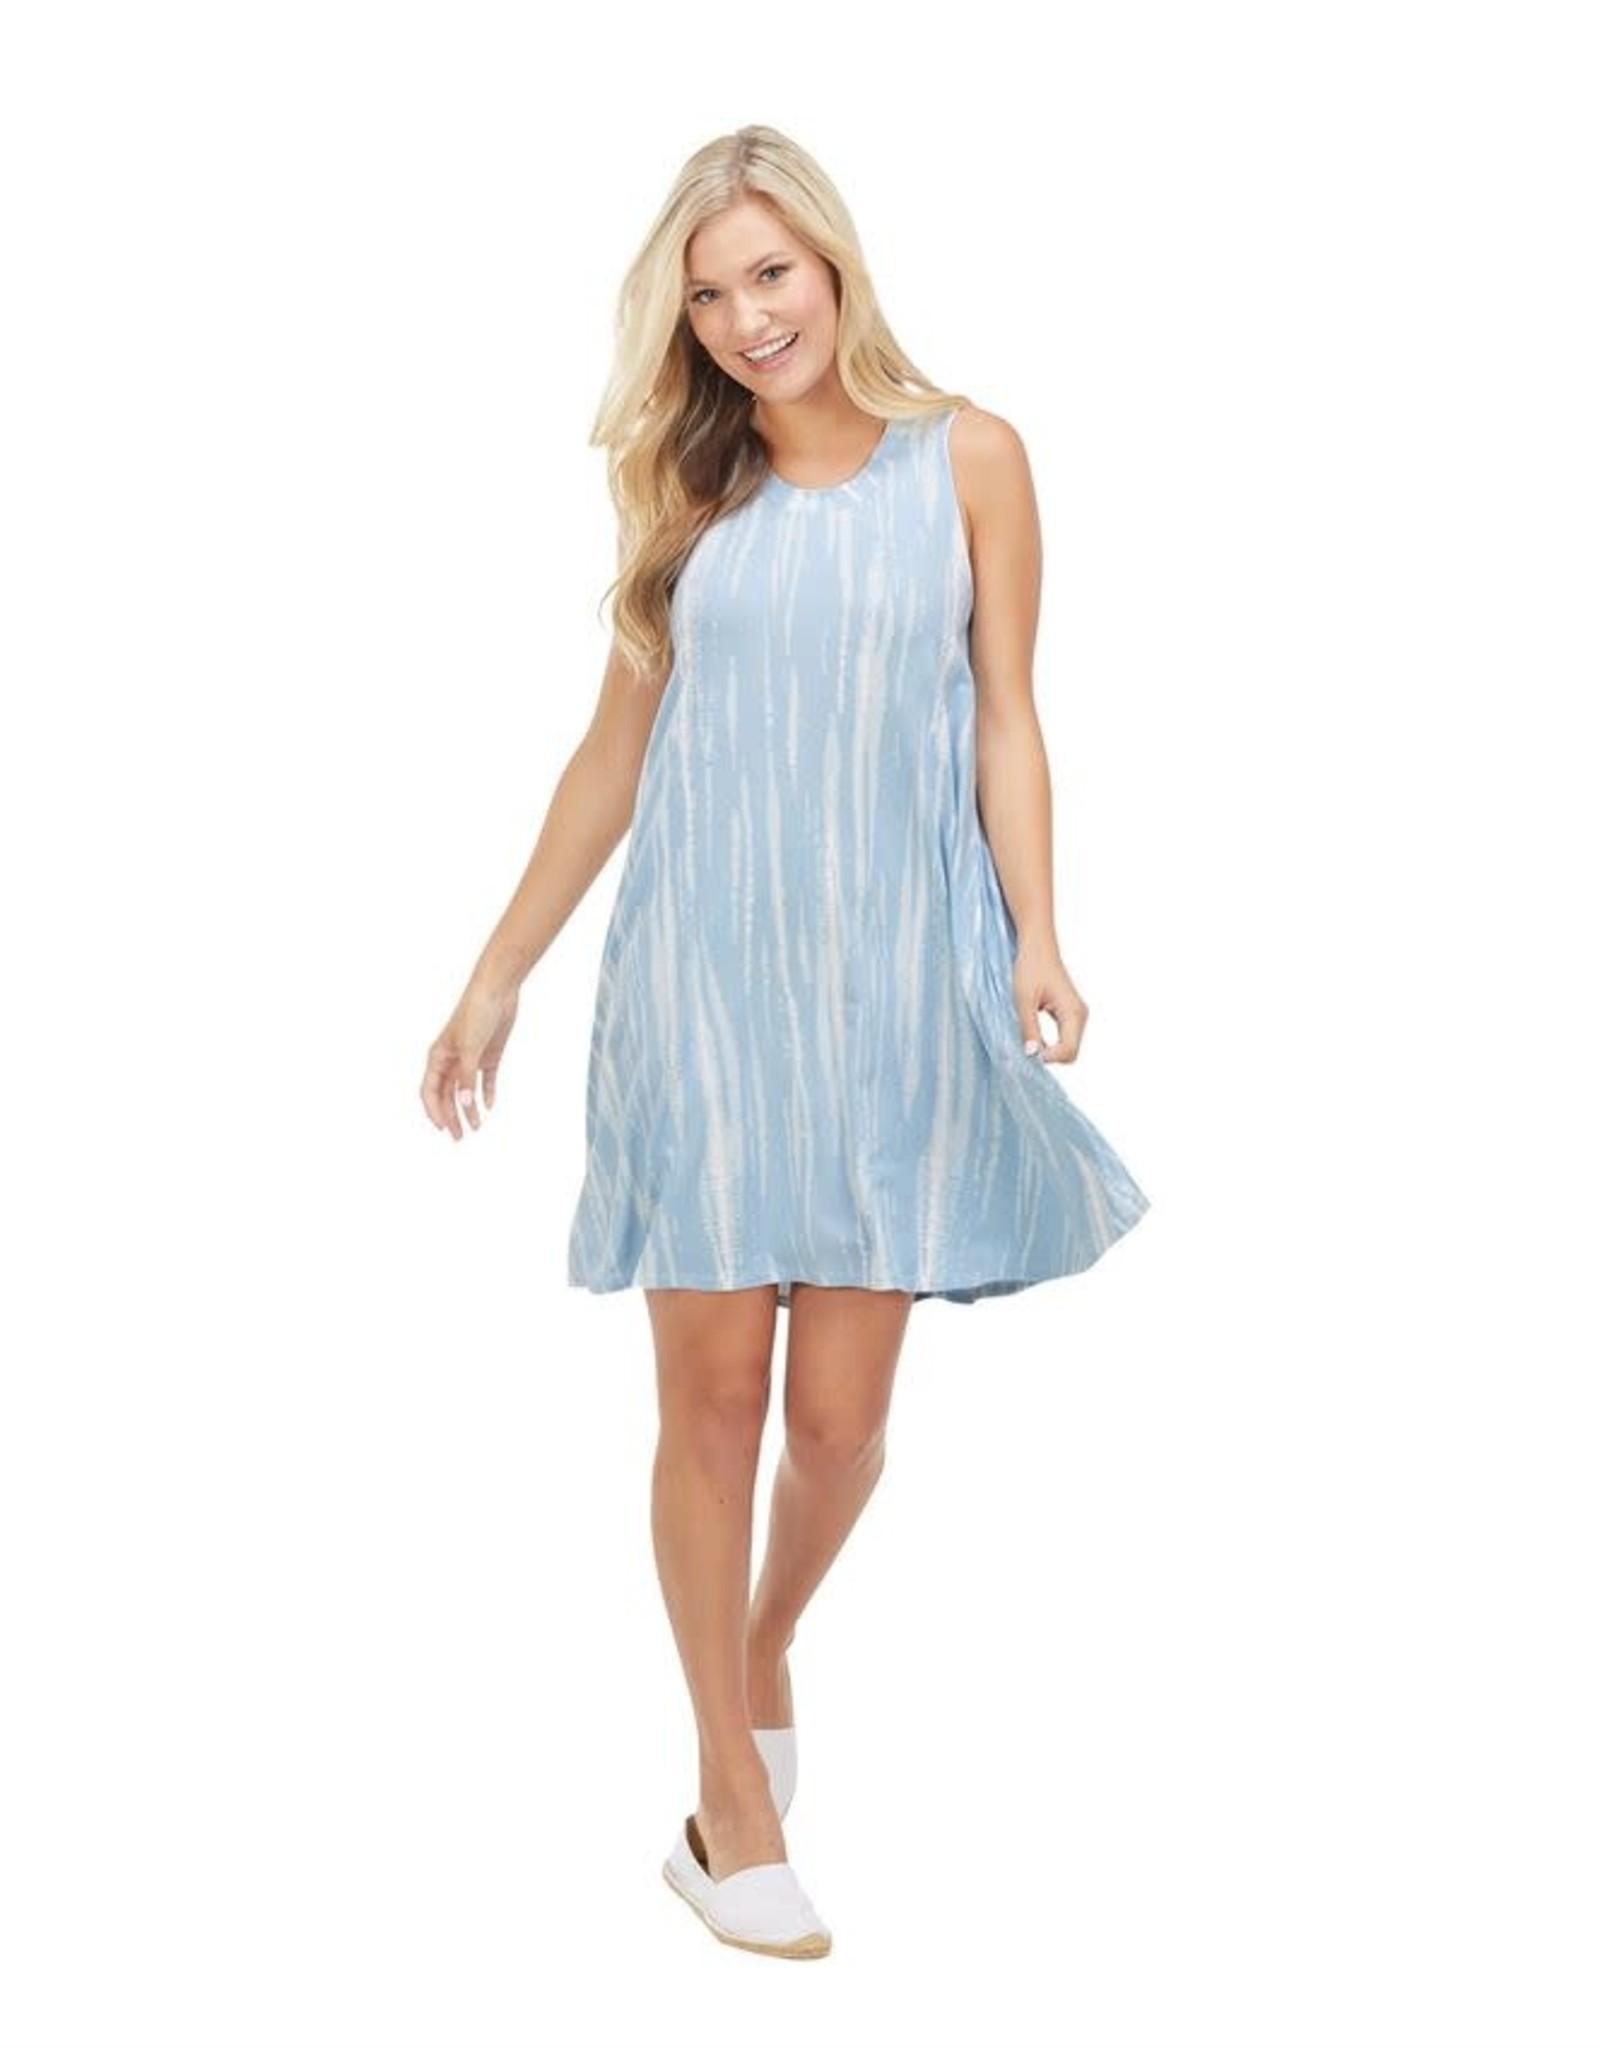 Mudpie Maya Swing Dress in Blue Tie Dye